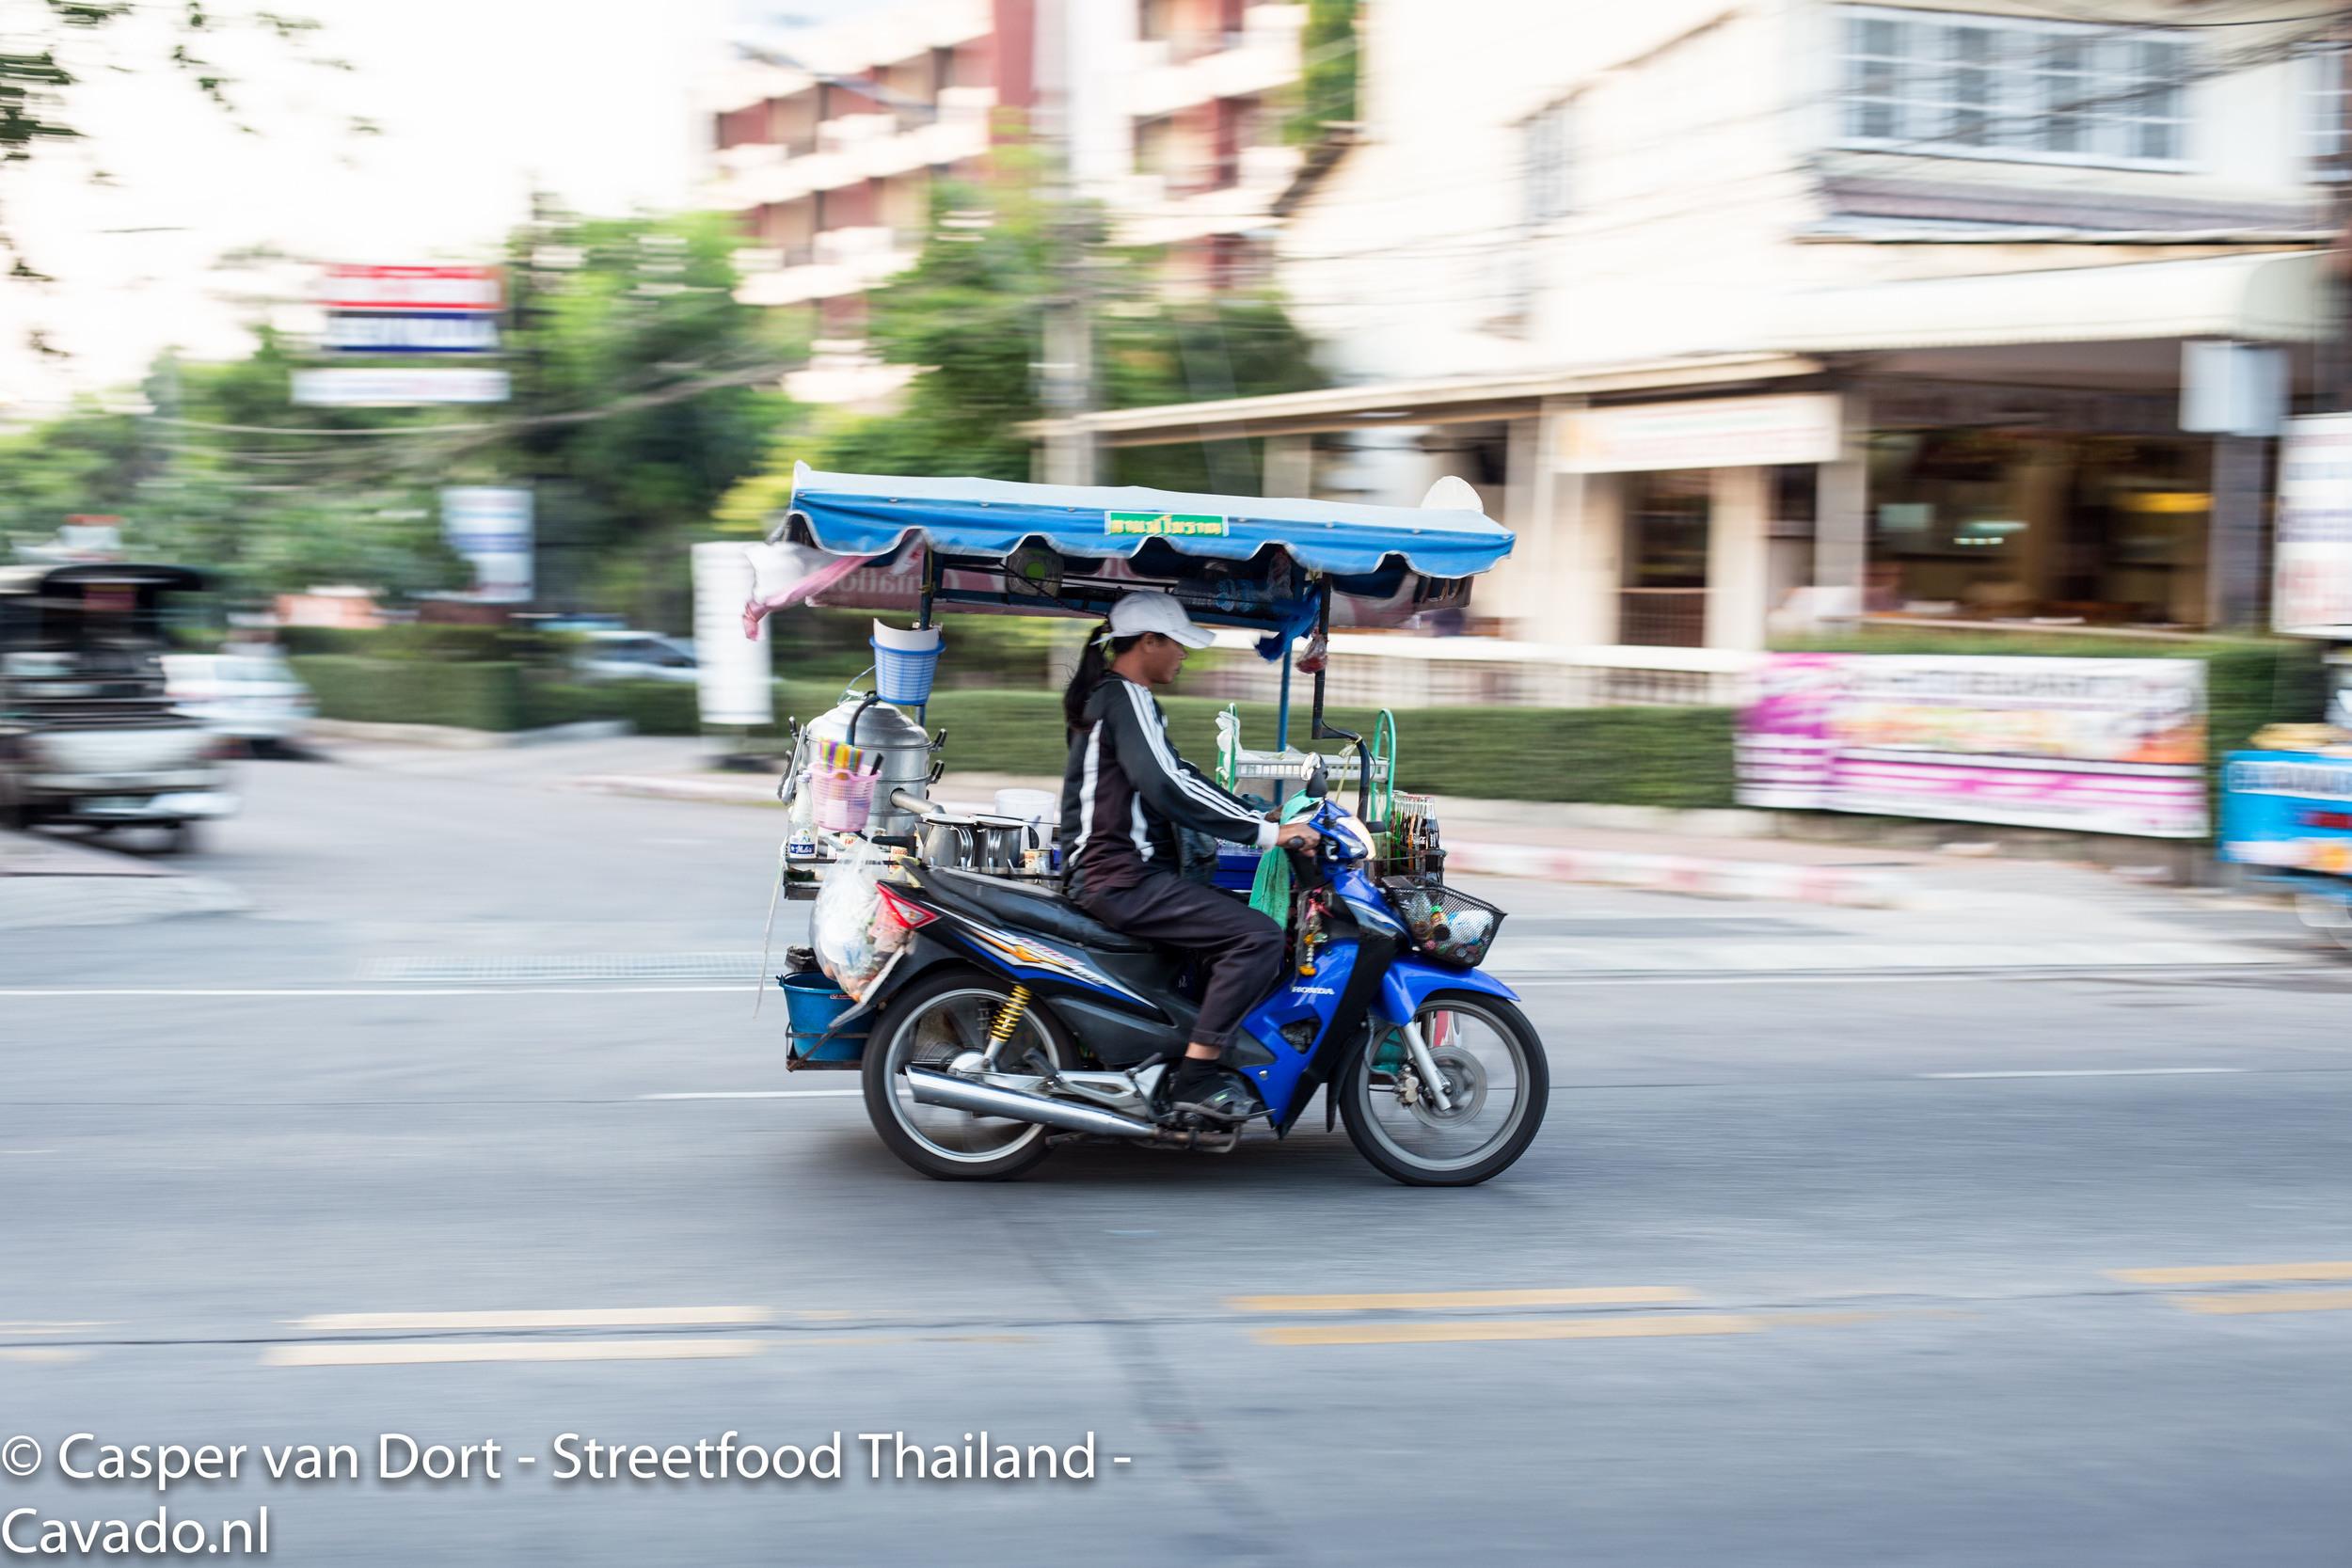 Thailand Streetfood-42.jpg